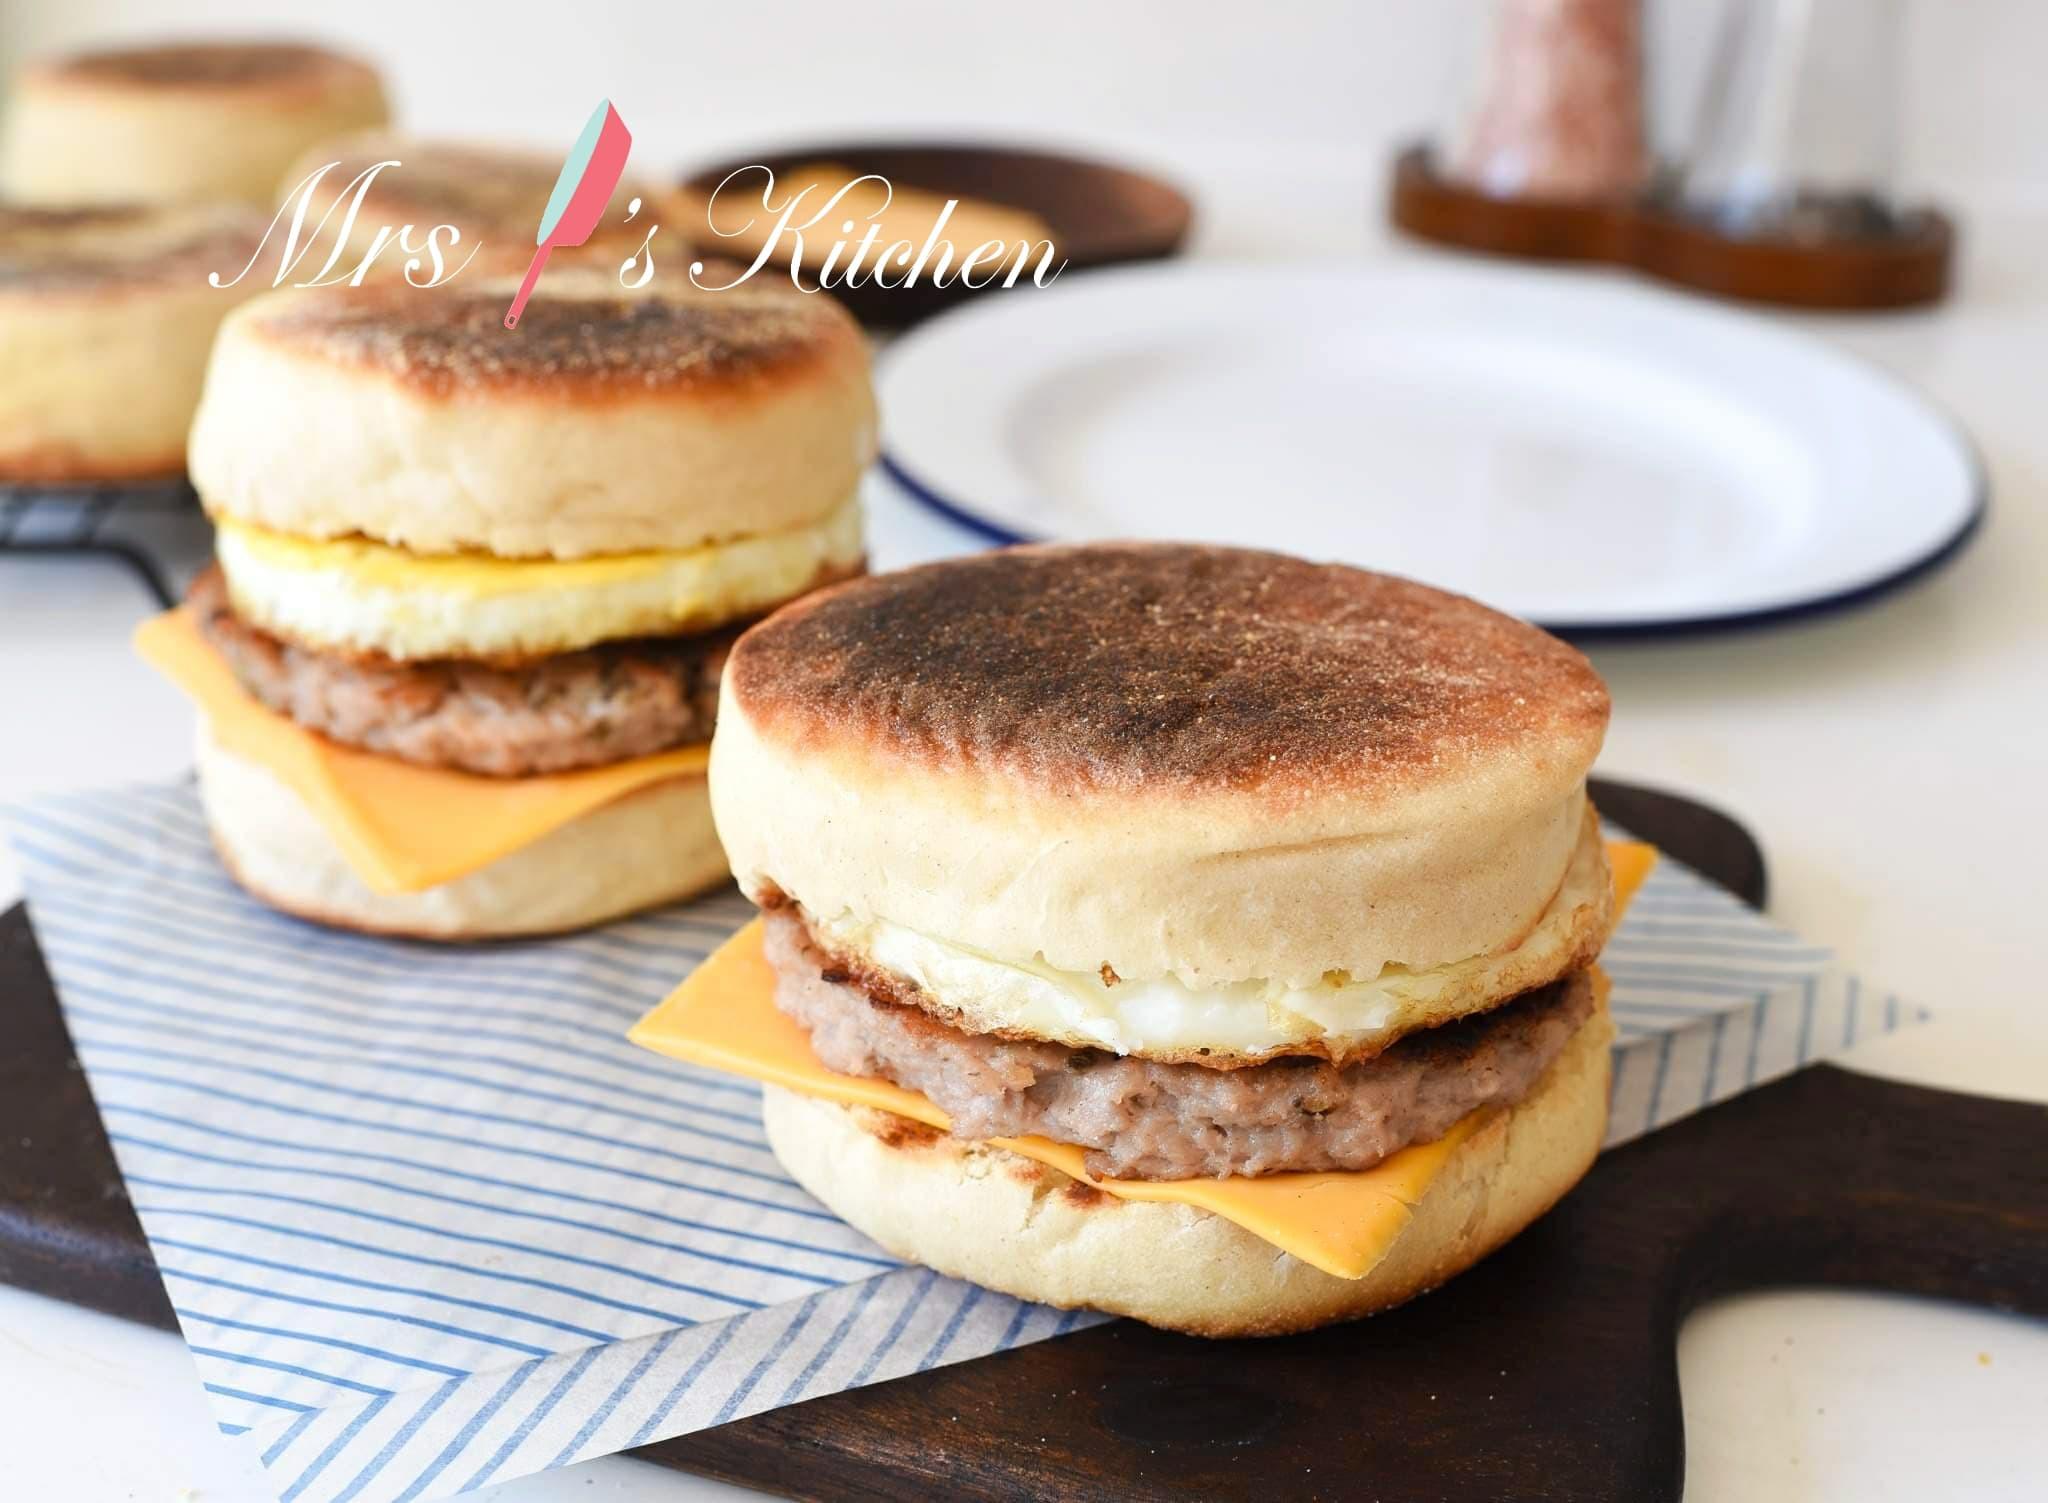 【影片】自製滿福堡(免烤箱)+漢堡排做法